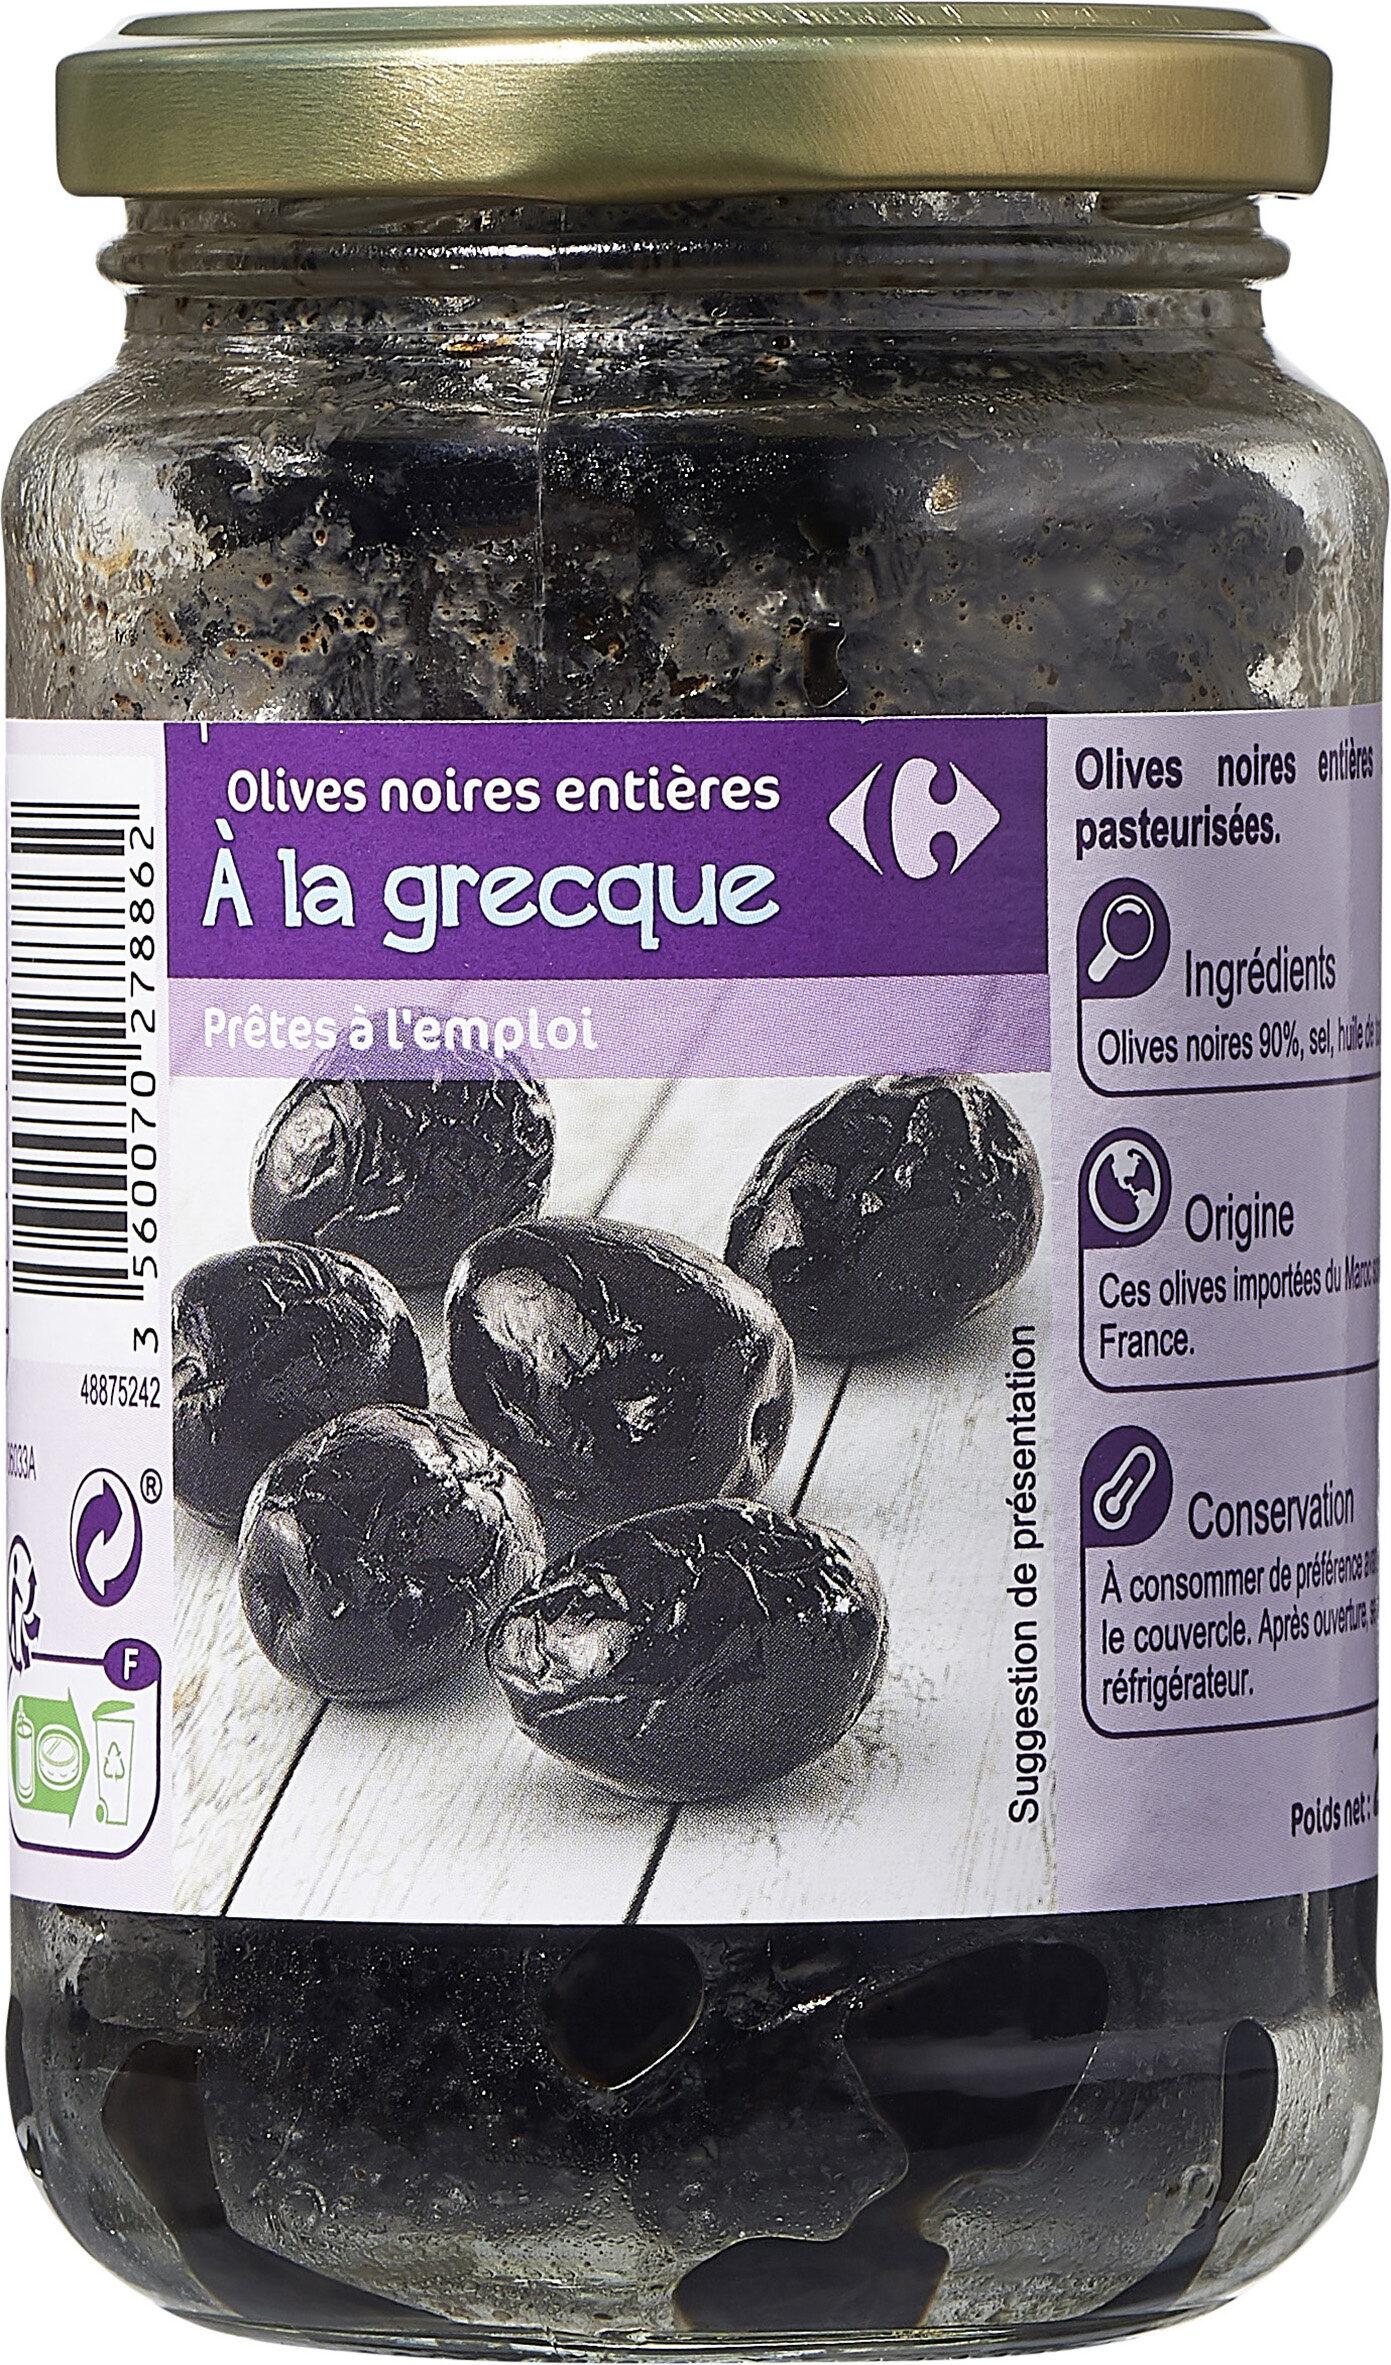 Olives noires entières à la grecque - Prodotto - fr